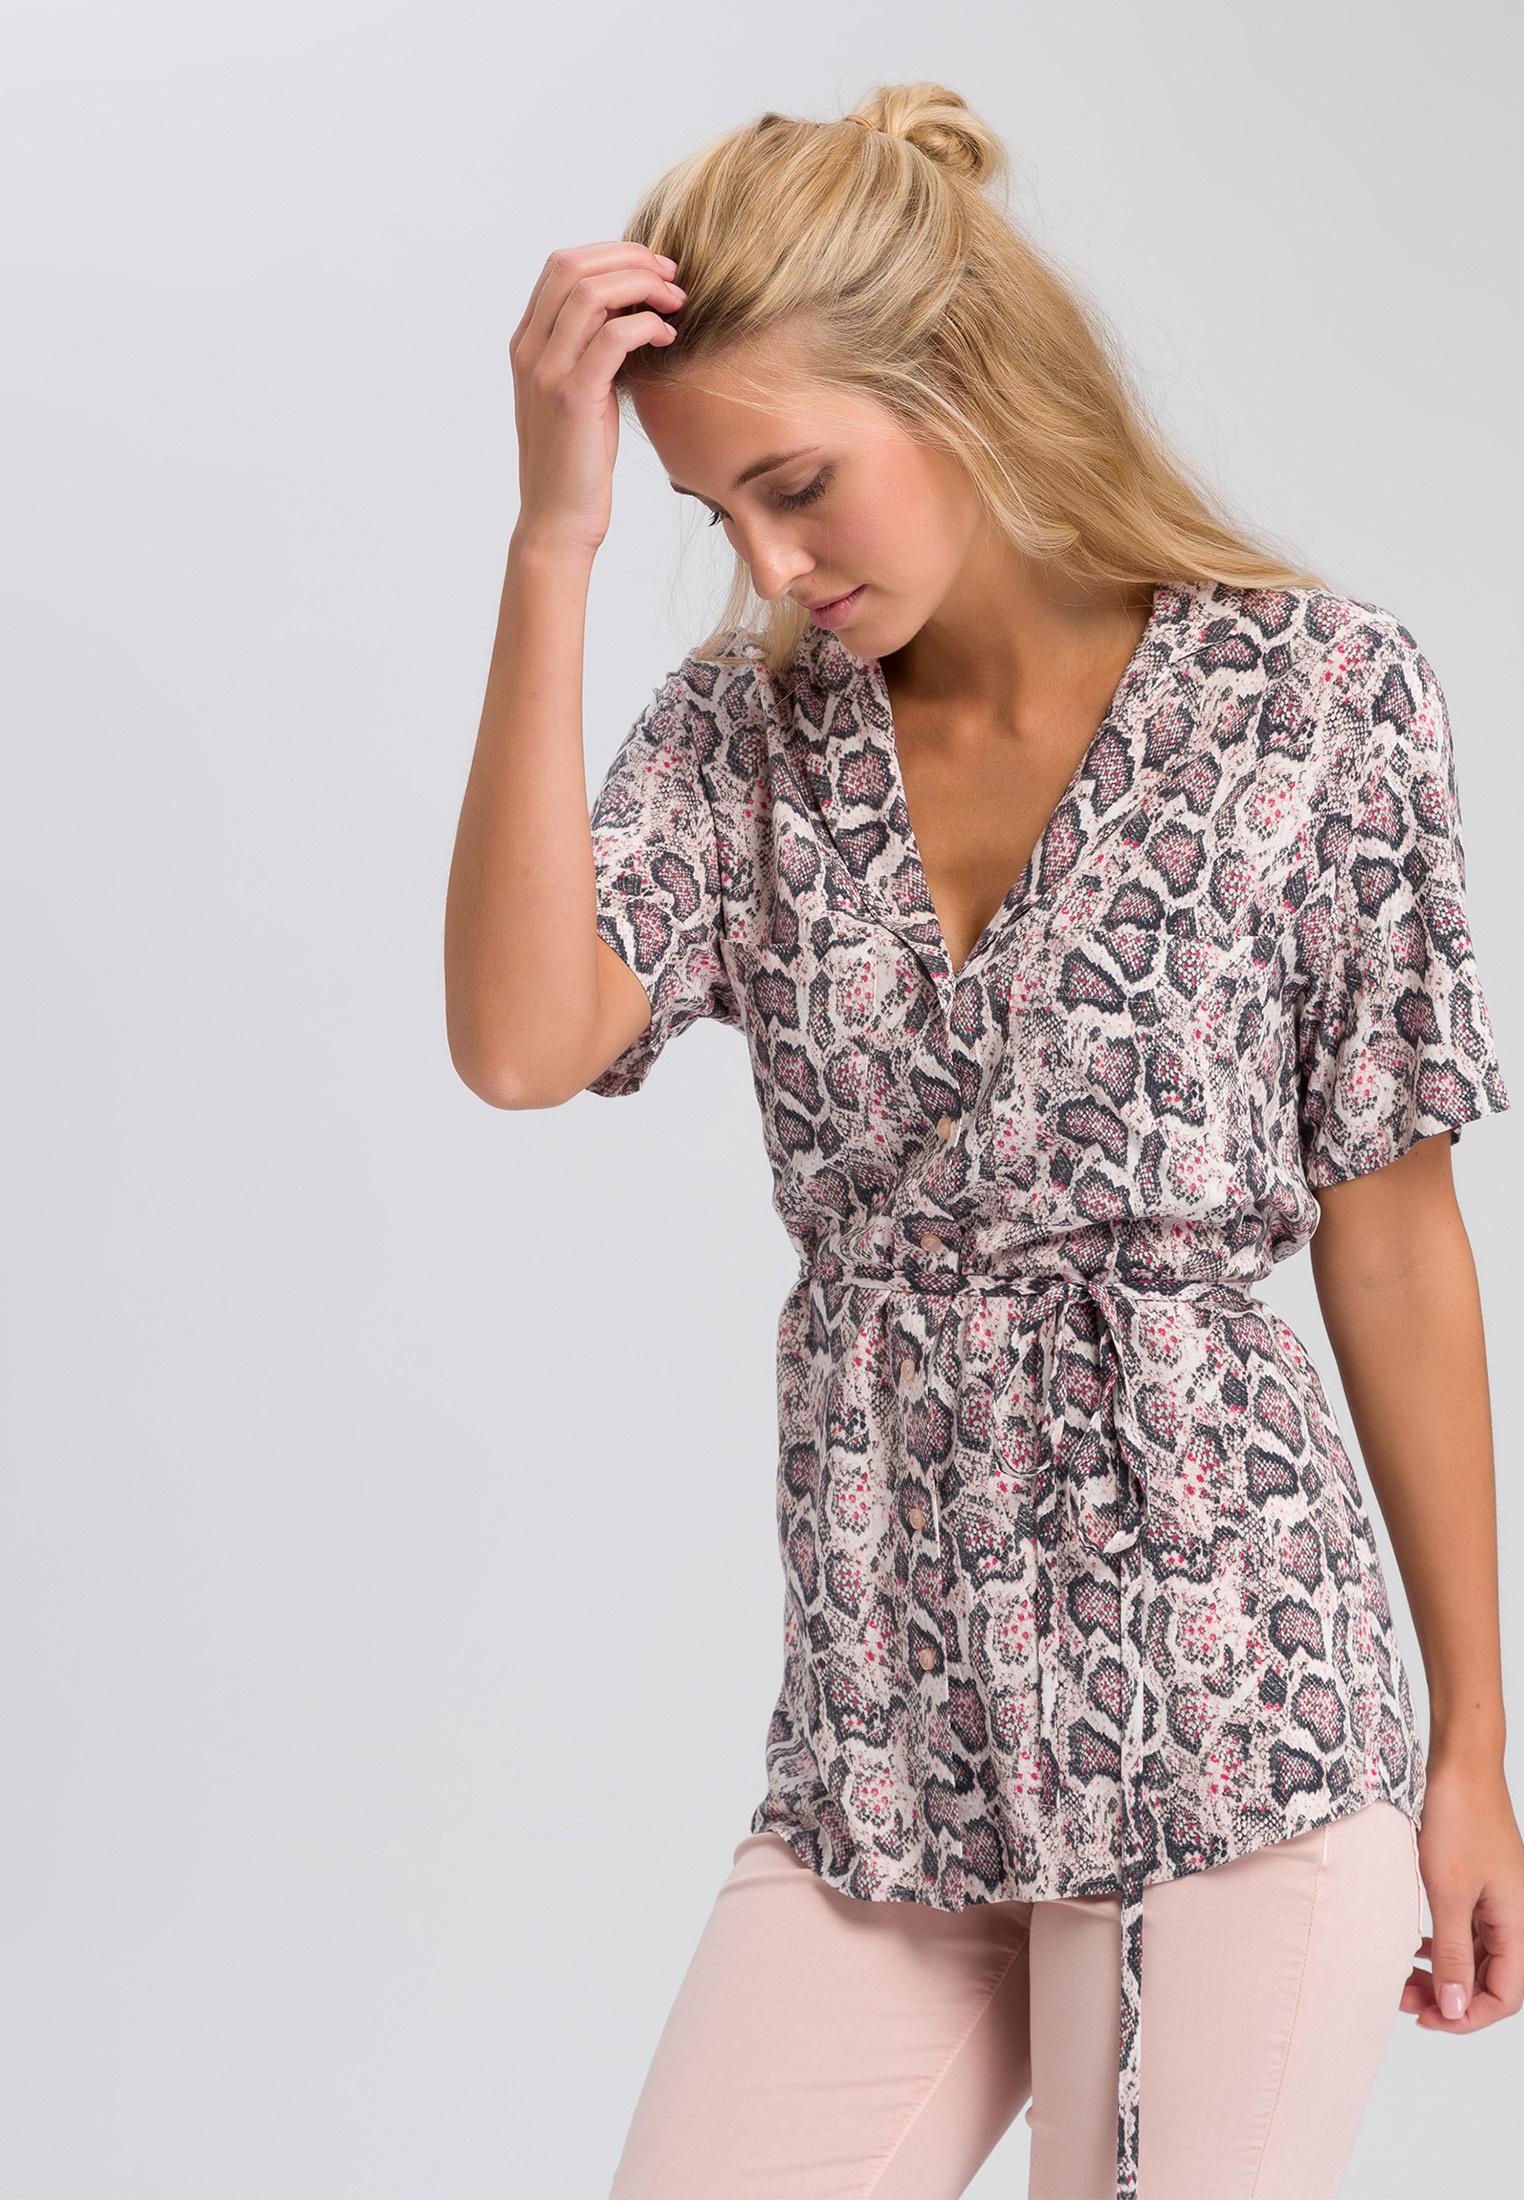 Artikel klicken und genauer betrachten! - Lässig und extravagant zugleich: Die Bluse mit dunklem Schlangenprint überzeugt in lässiger Passform, die zum Saum hin weich fällt. Der Reverskragen und die Knopfleiste verleihen der Hemdbluse einen eleganten Touch. Die aufgesetzte Brusttasche und das abnehmbare Bindeband runden das lockere Design der Damenbluse ab, die du mit schmalen Jeans gekonnt in Szene setzt. | im Online Shop kaufen